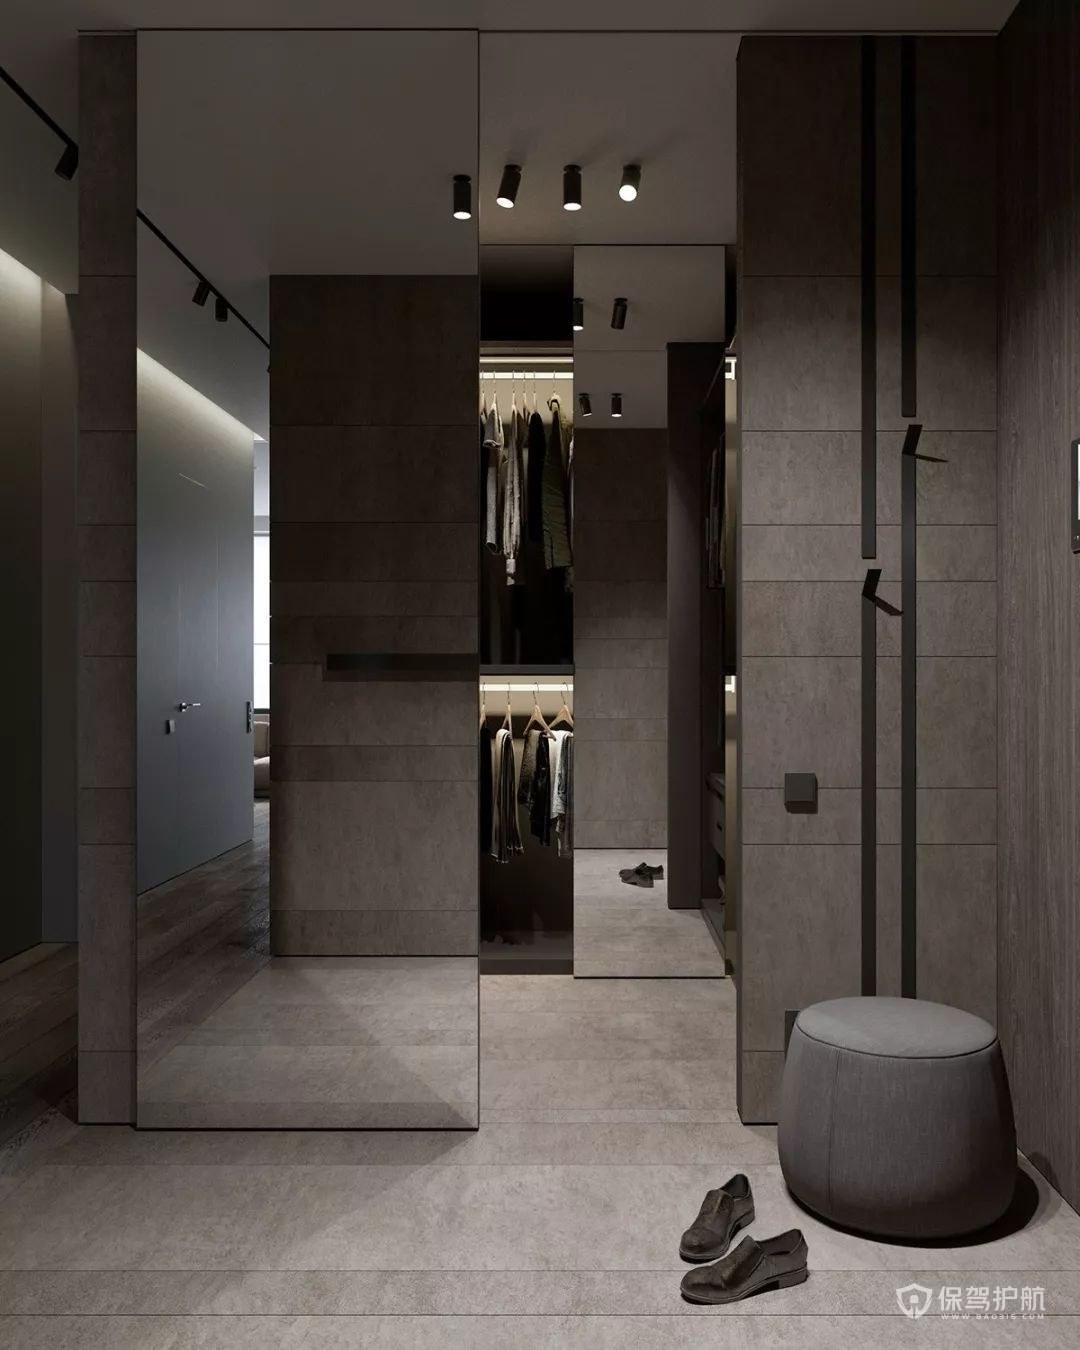 室内设计效果图,三室一厅装修案例